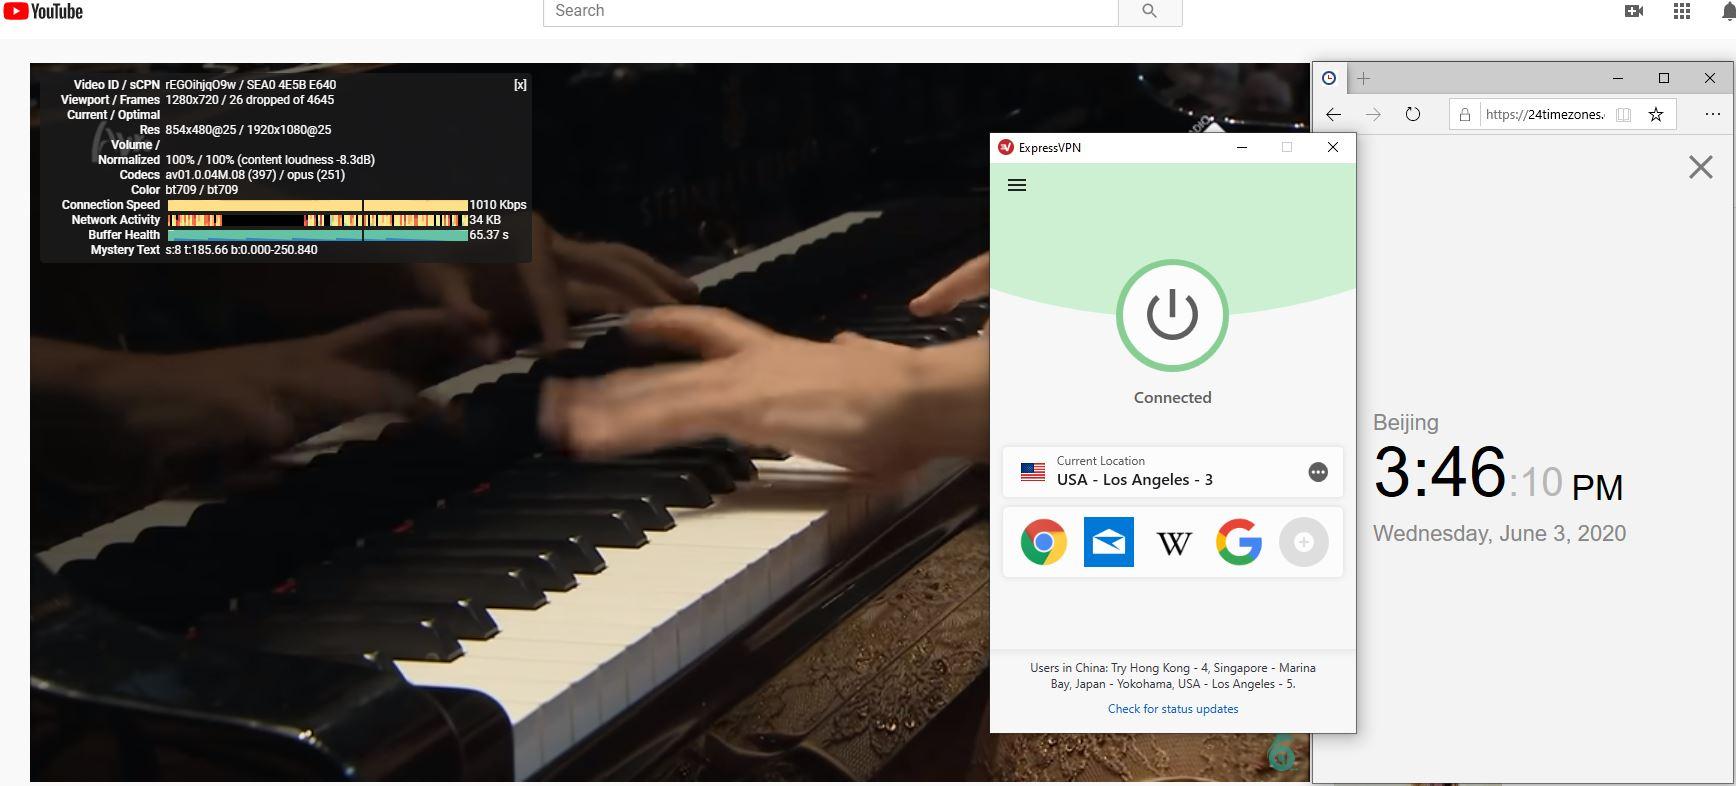 Windows10 ExpressVPN IKEv2 USA - Los Angeles - 3 中国VPN 翻墙 科学上网 测速-20200603